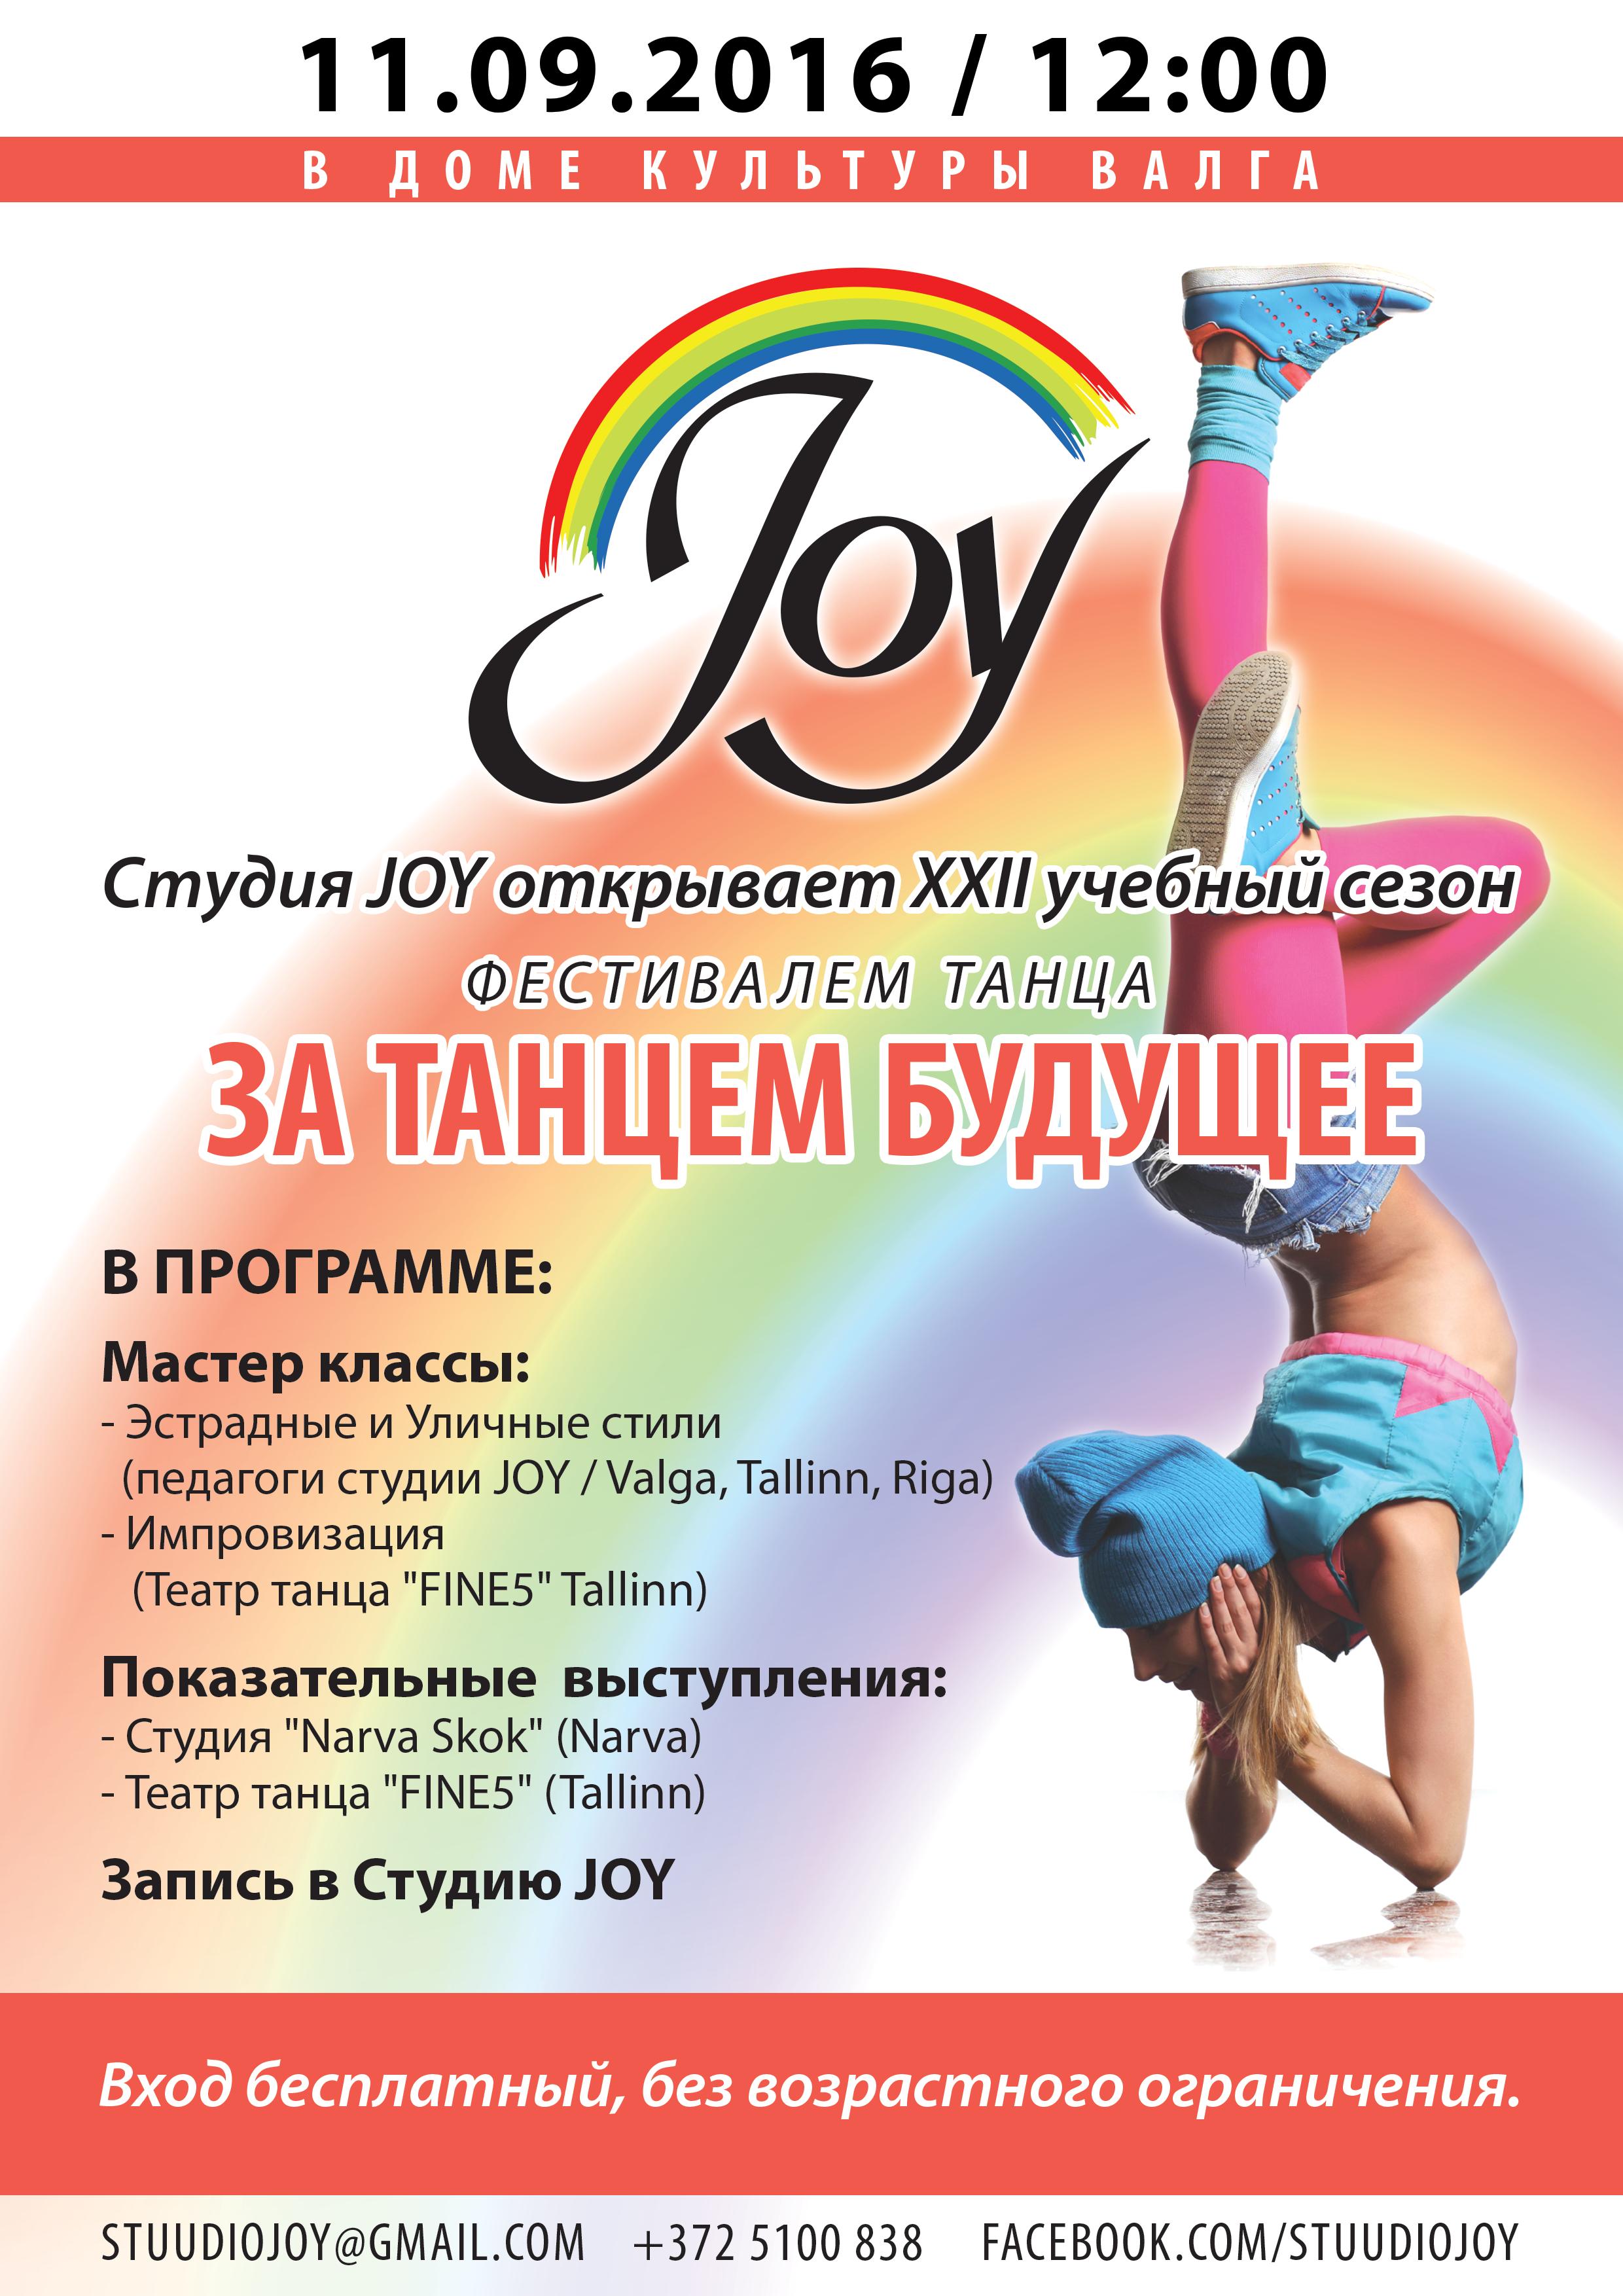 VALGA Stuudio JOY открытие сезона 2016/2017